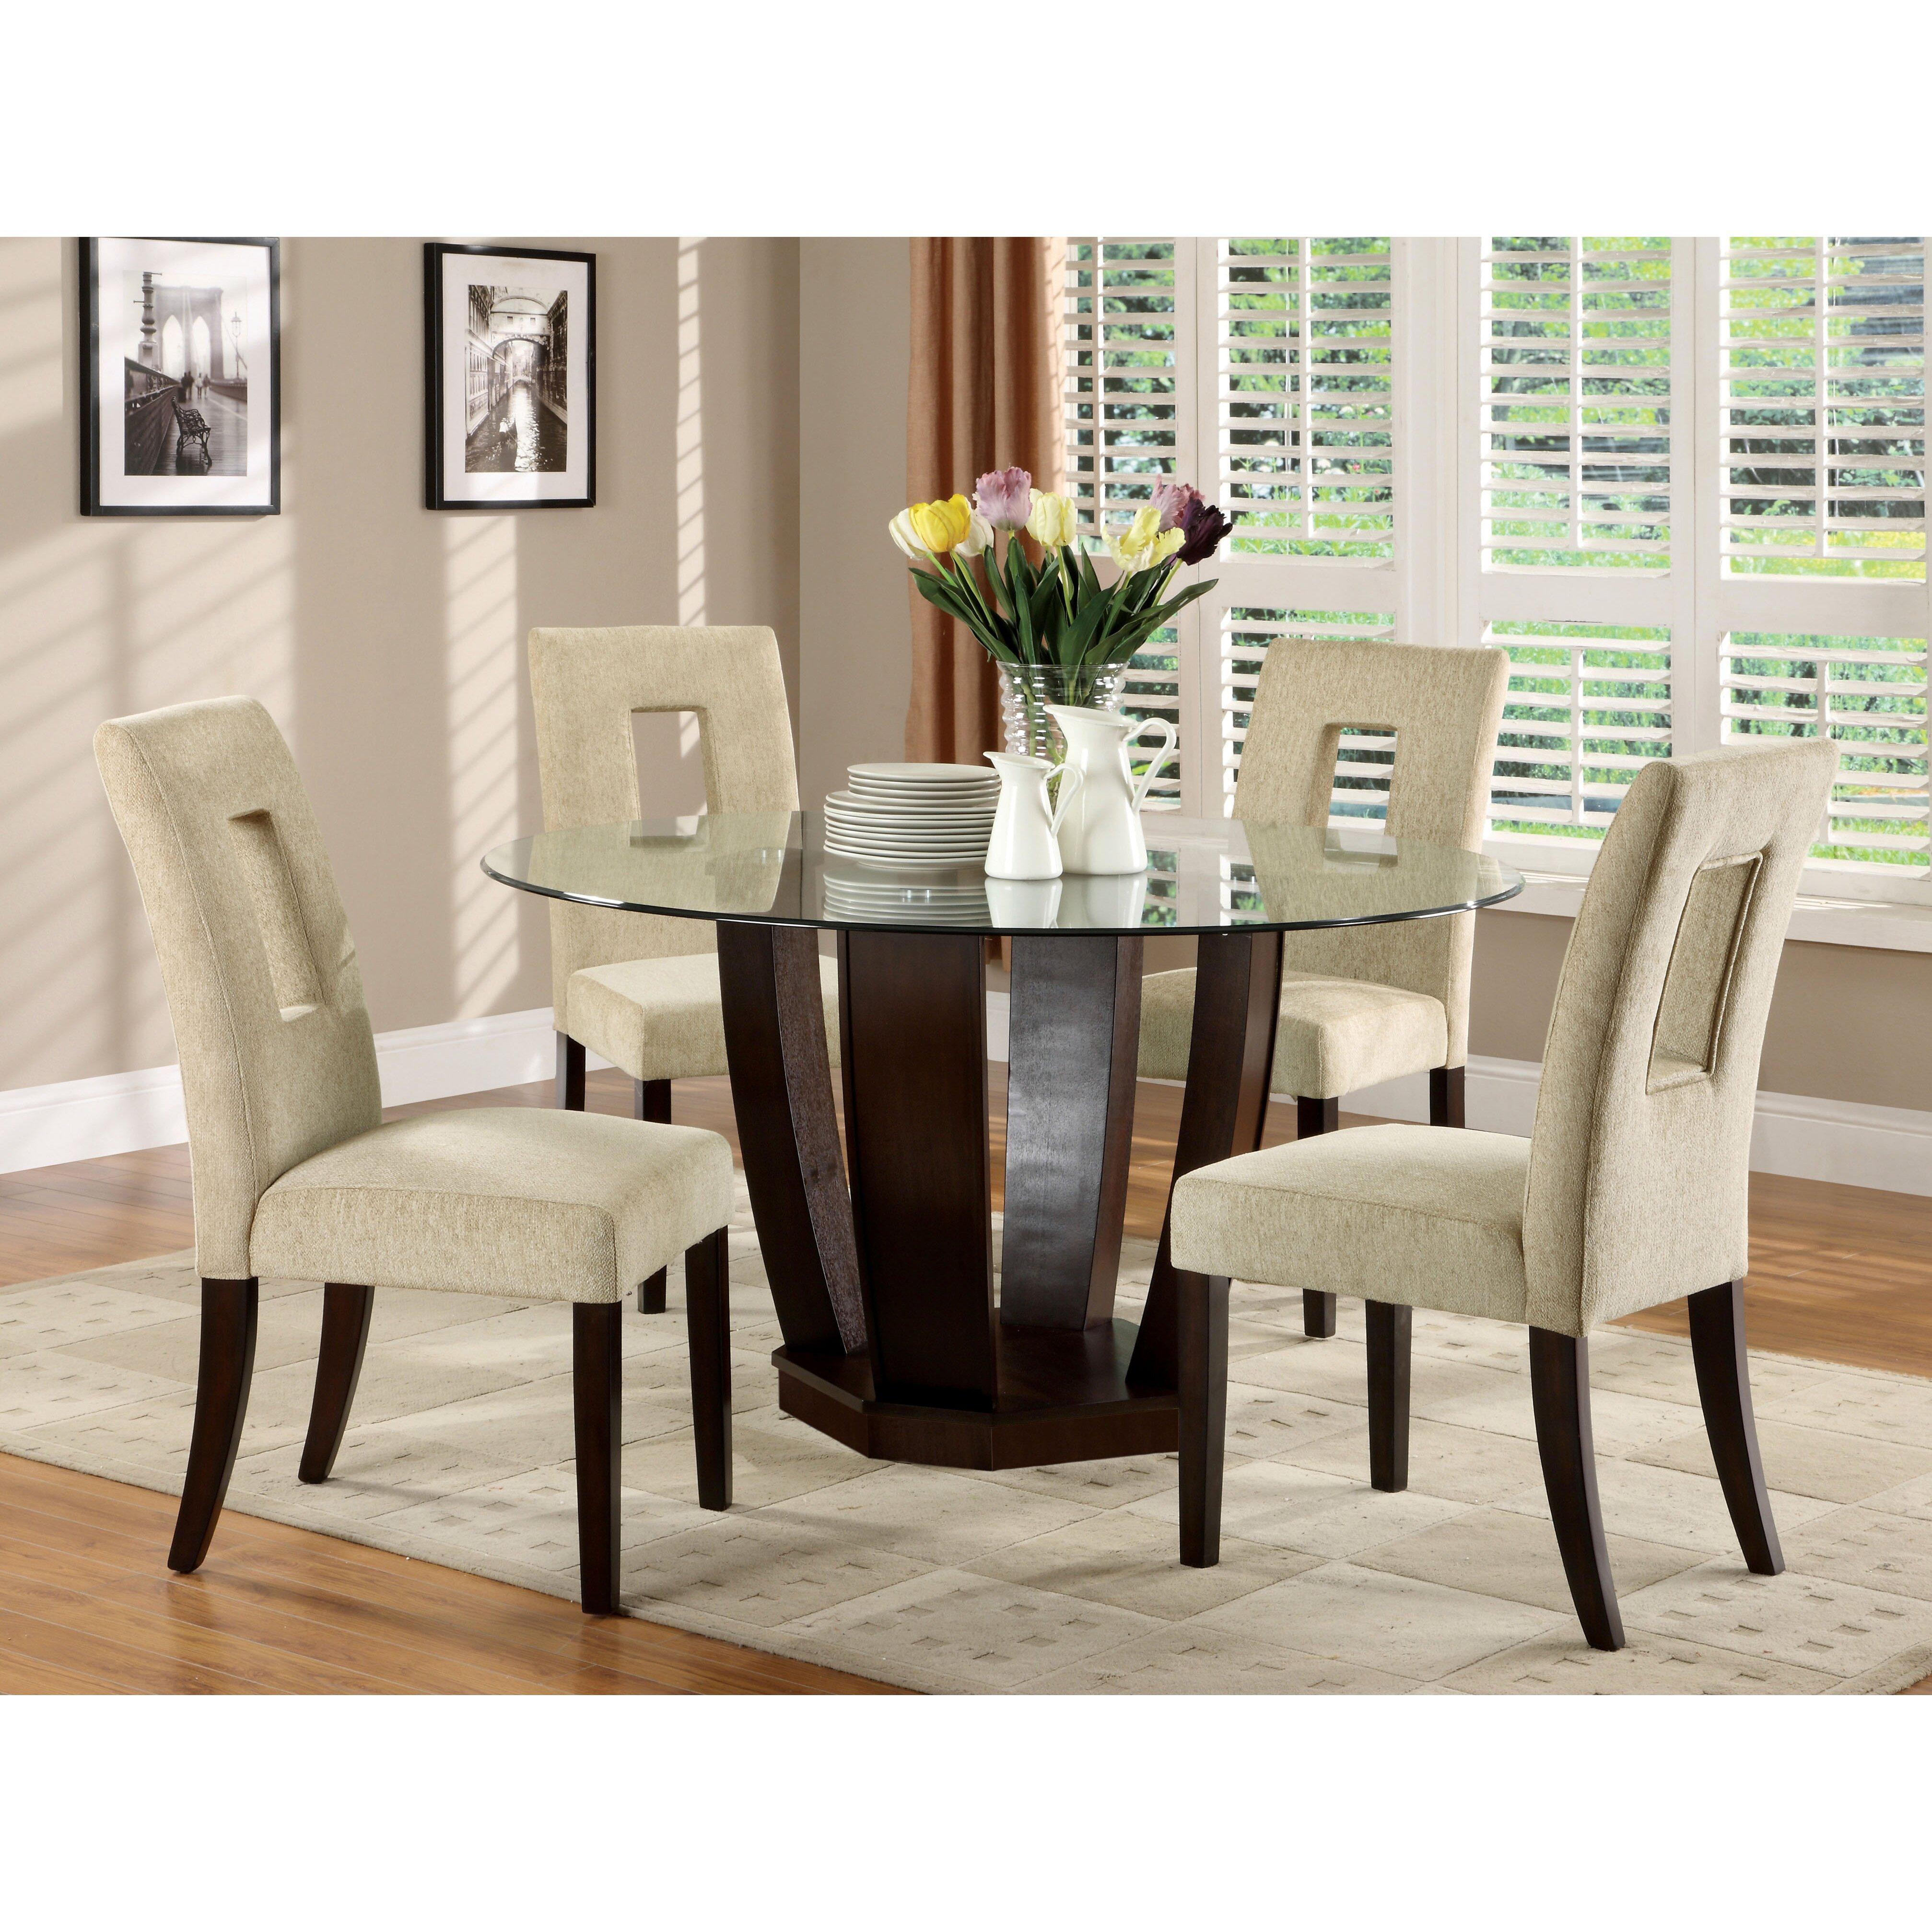 Hokku designs catina 5 piece dining set reviews wayfair for Dining set decoration